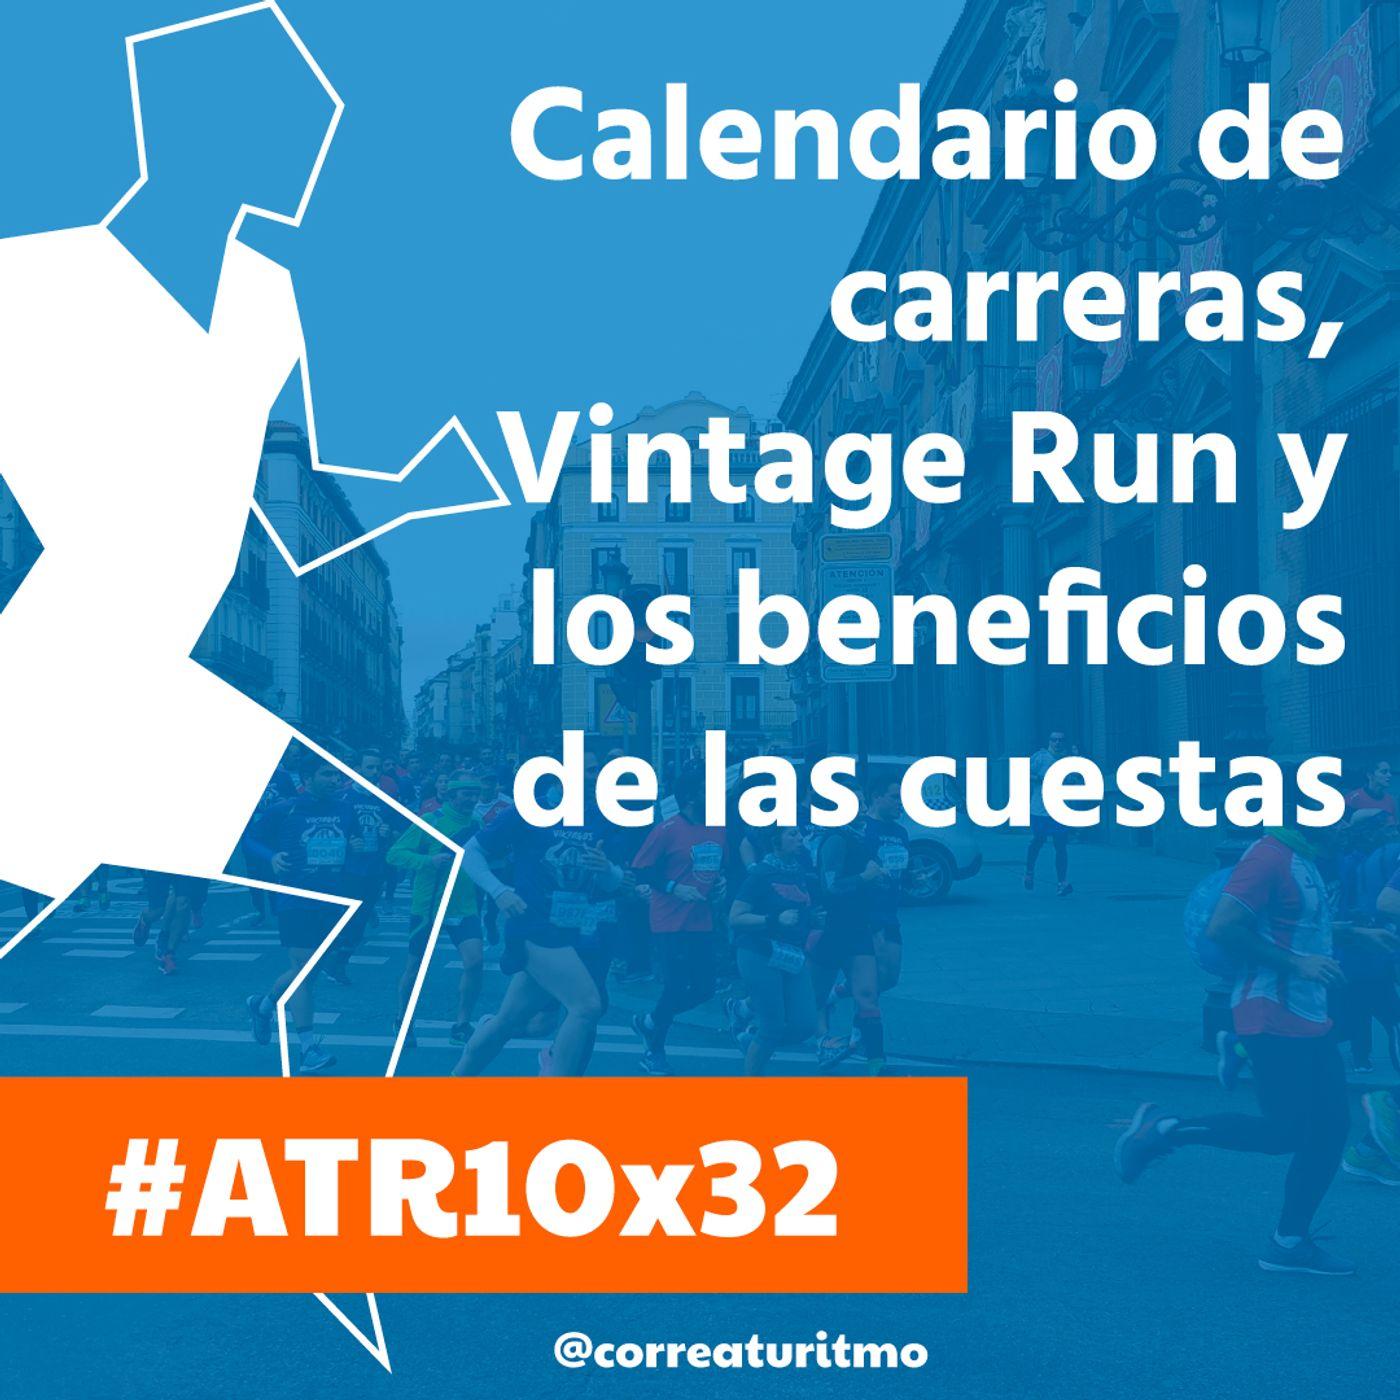 ATR 10x32 - Calendario de carreras, Vintage Run y los beneficios de las cuestas